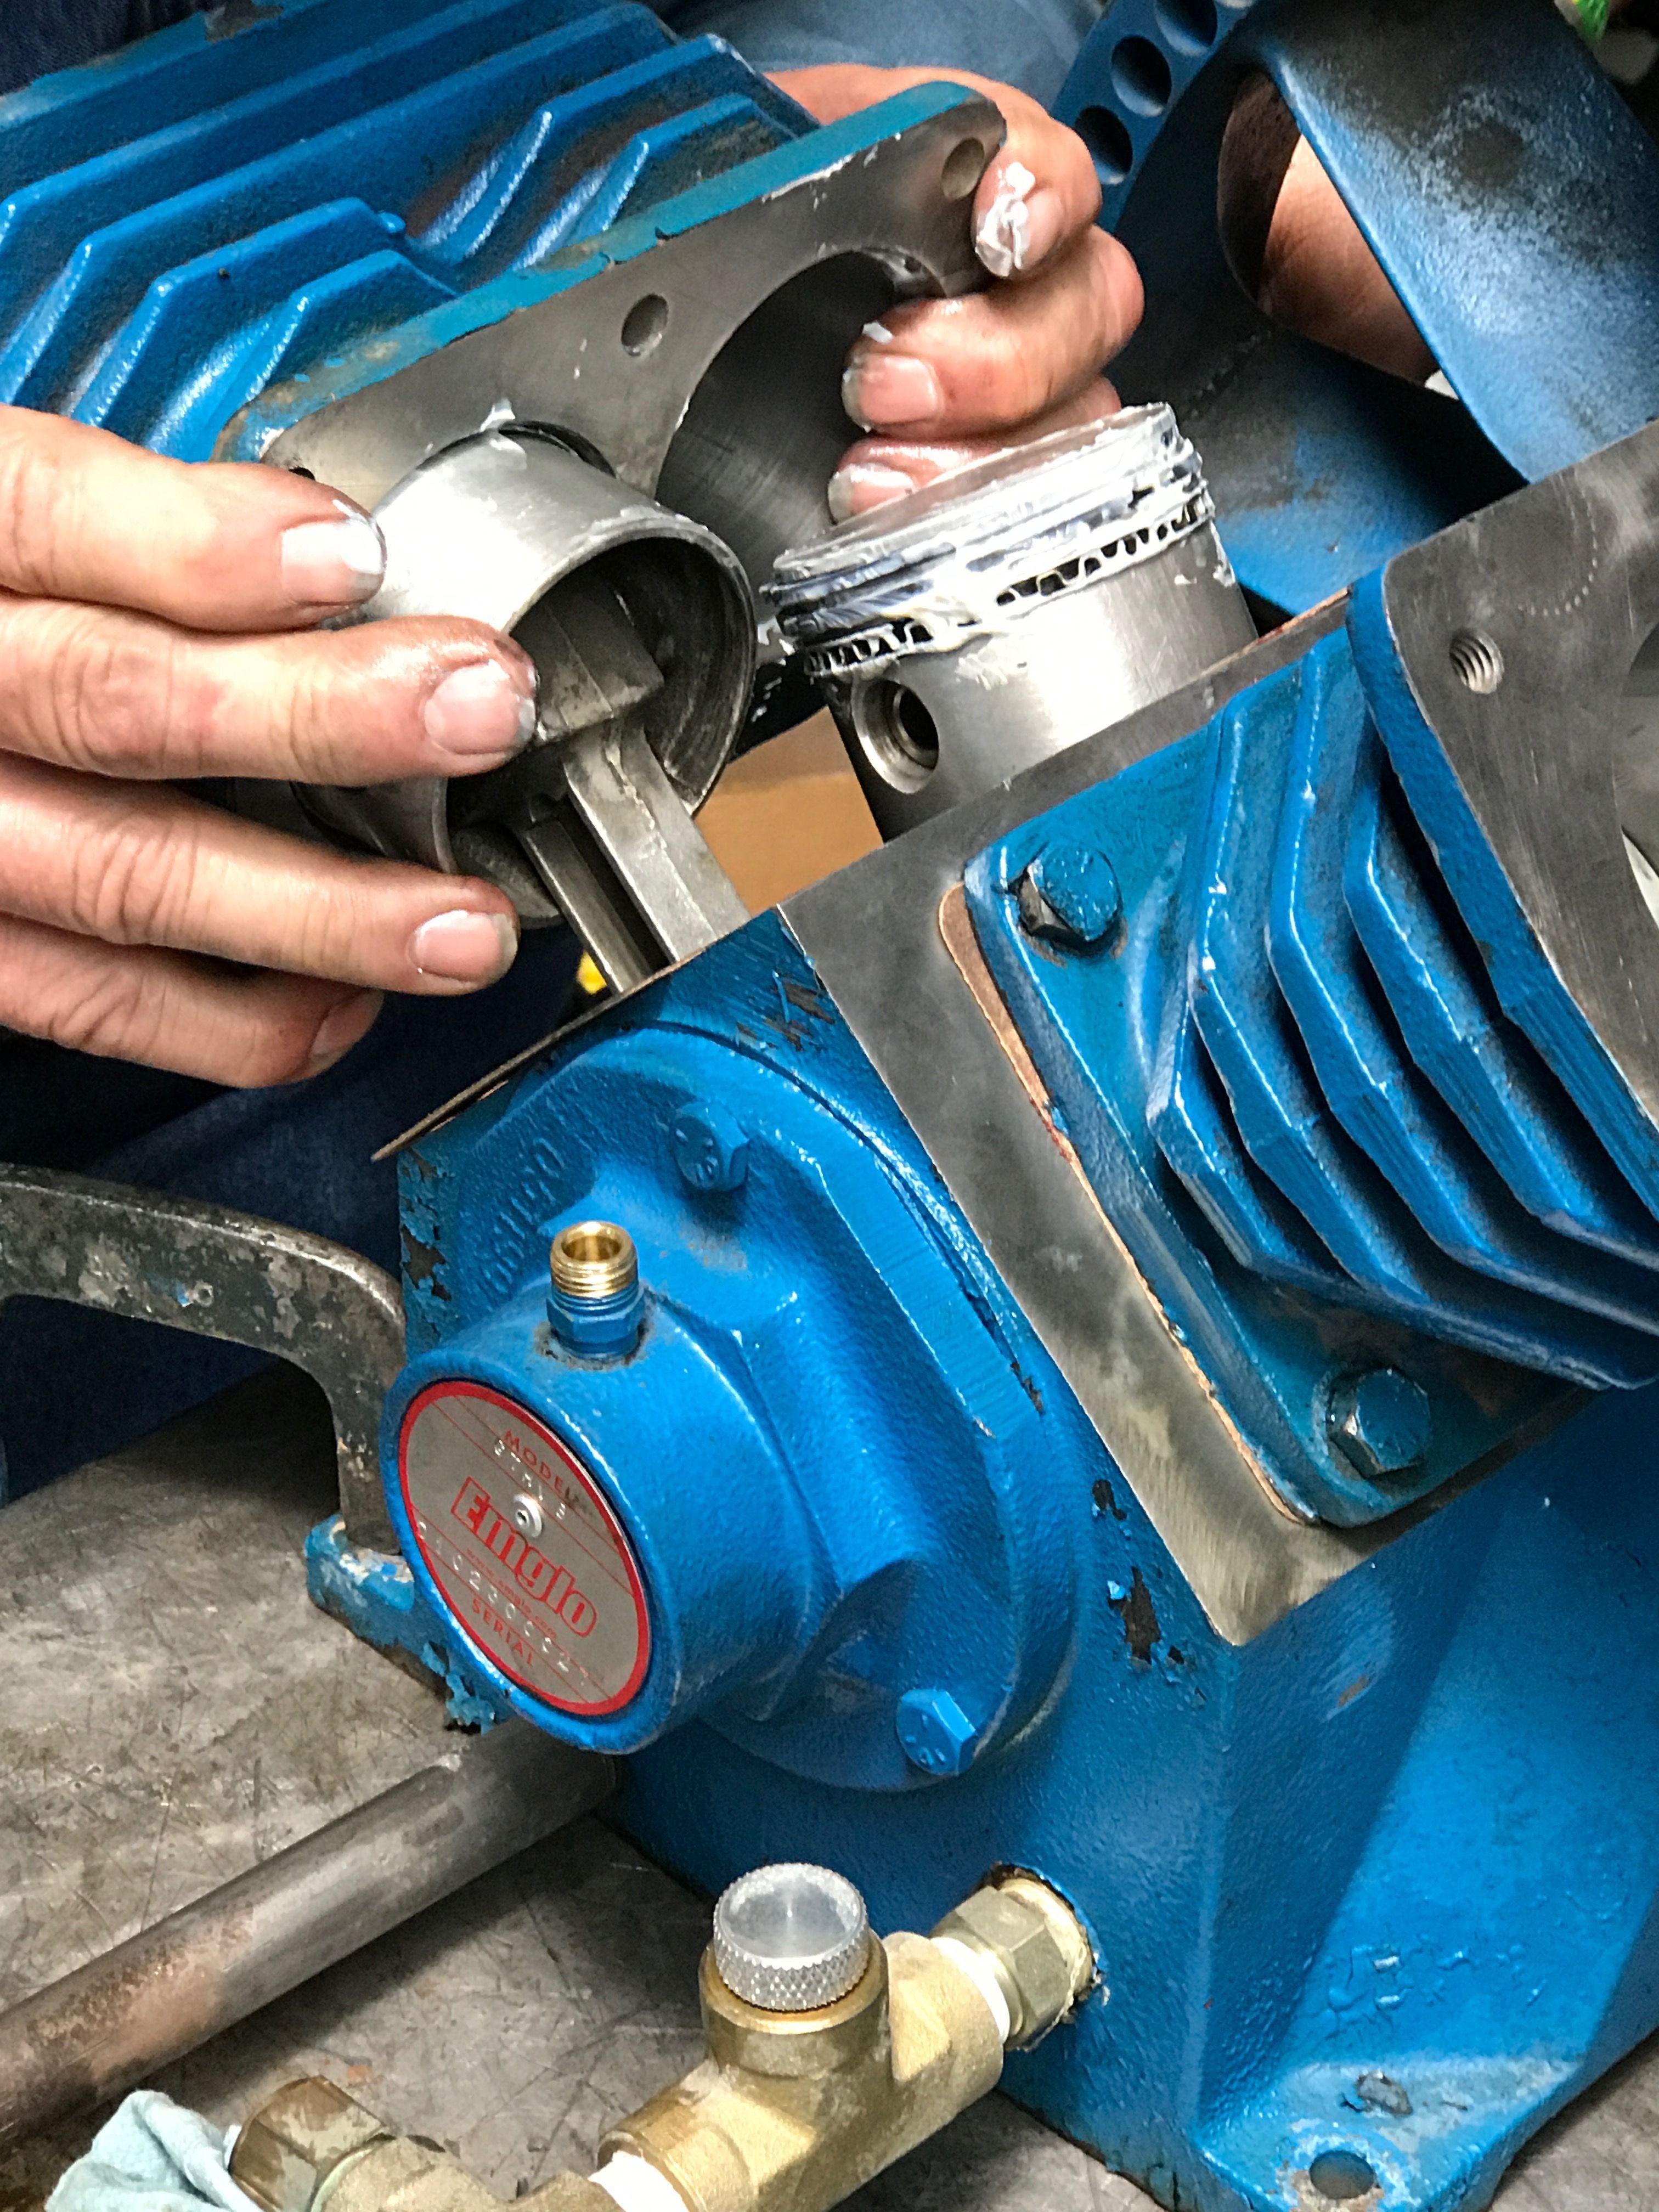 Rebuilding an Emglo air compressor pump.